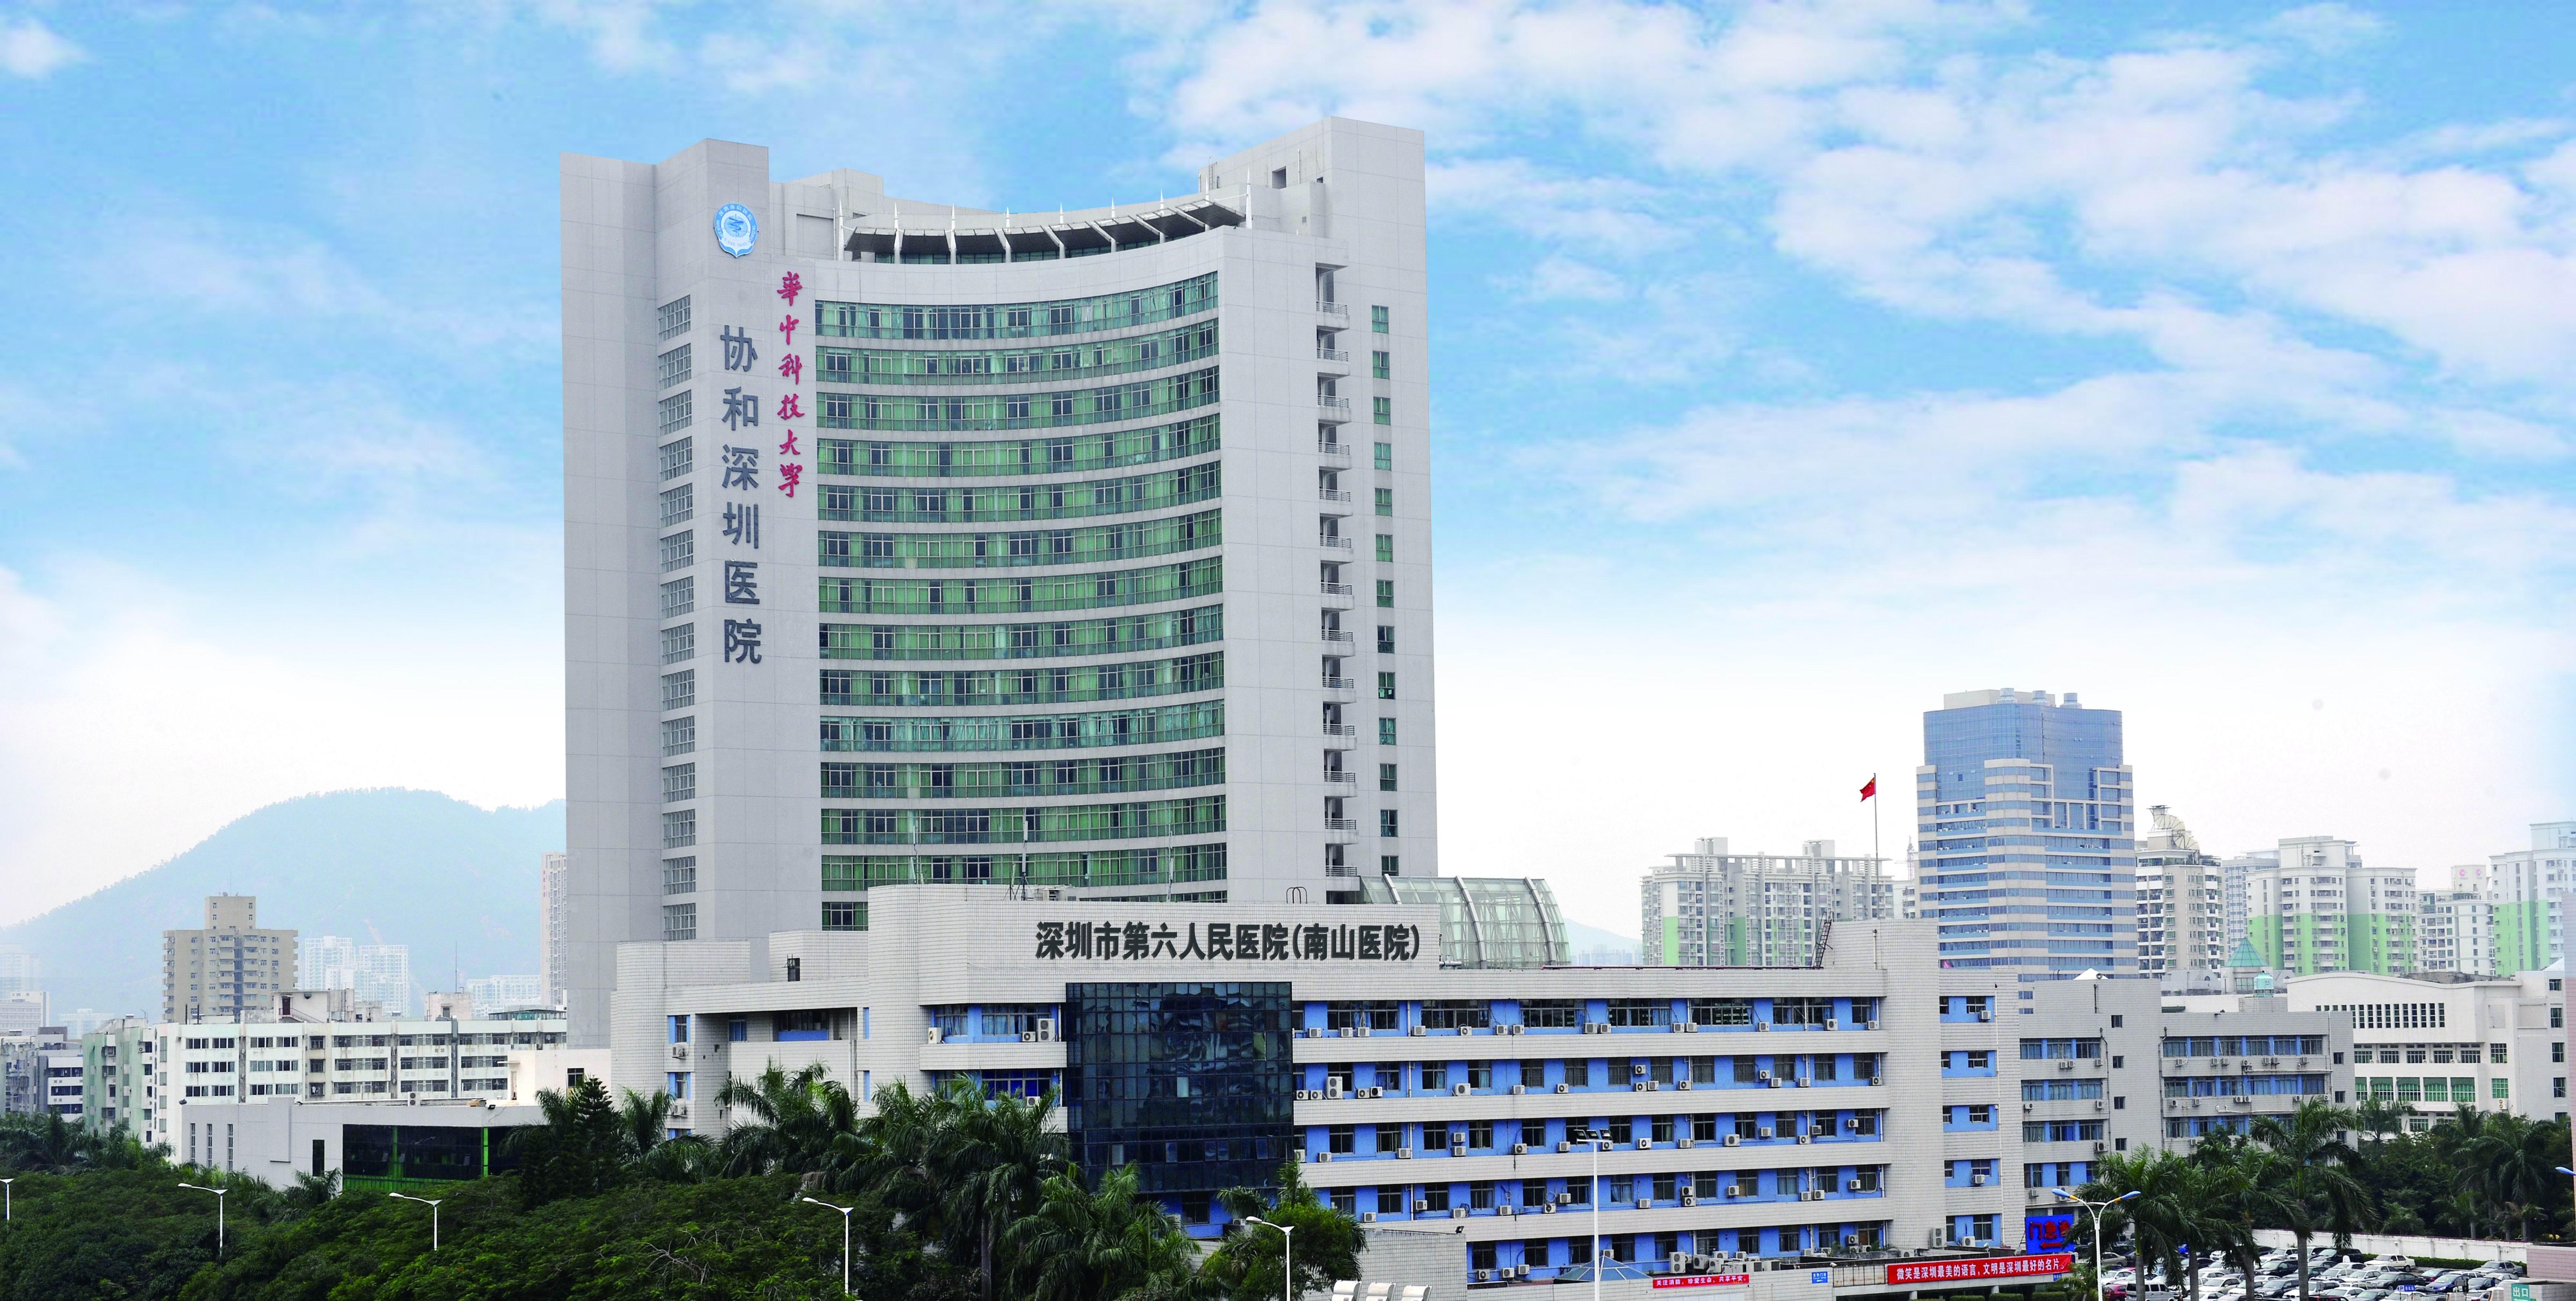 聊城市第二病房主体外科医院楼,由山东省建筑设计院设计,标志11层如何设计玩沙区人民图片